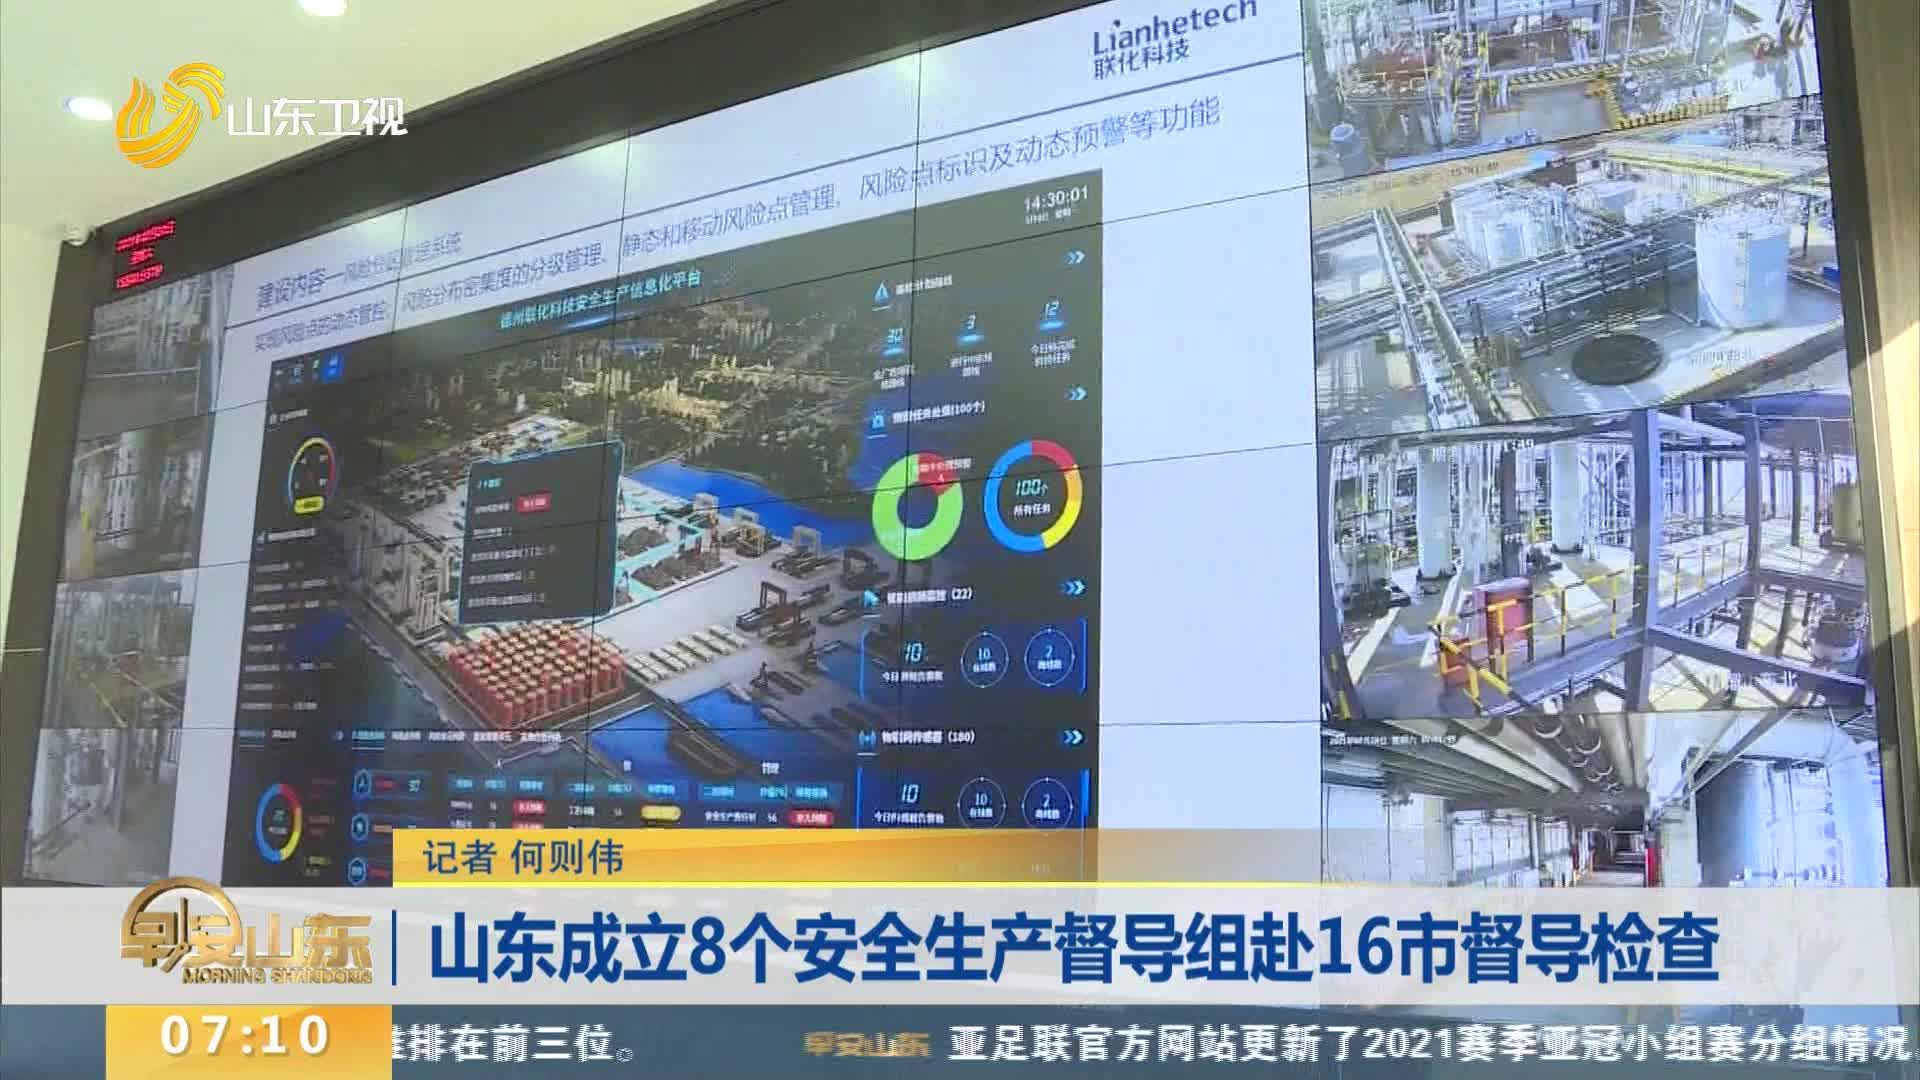 山东成立8个安全生产督导组赴16市督导检查